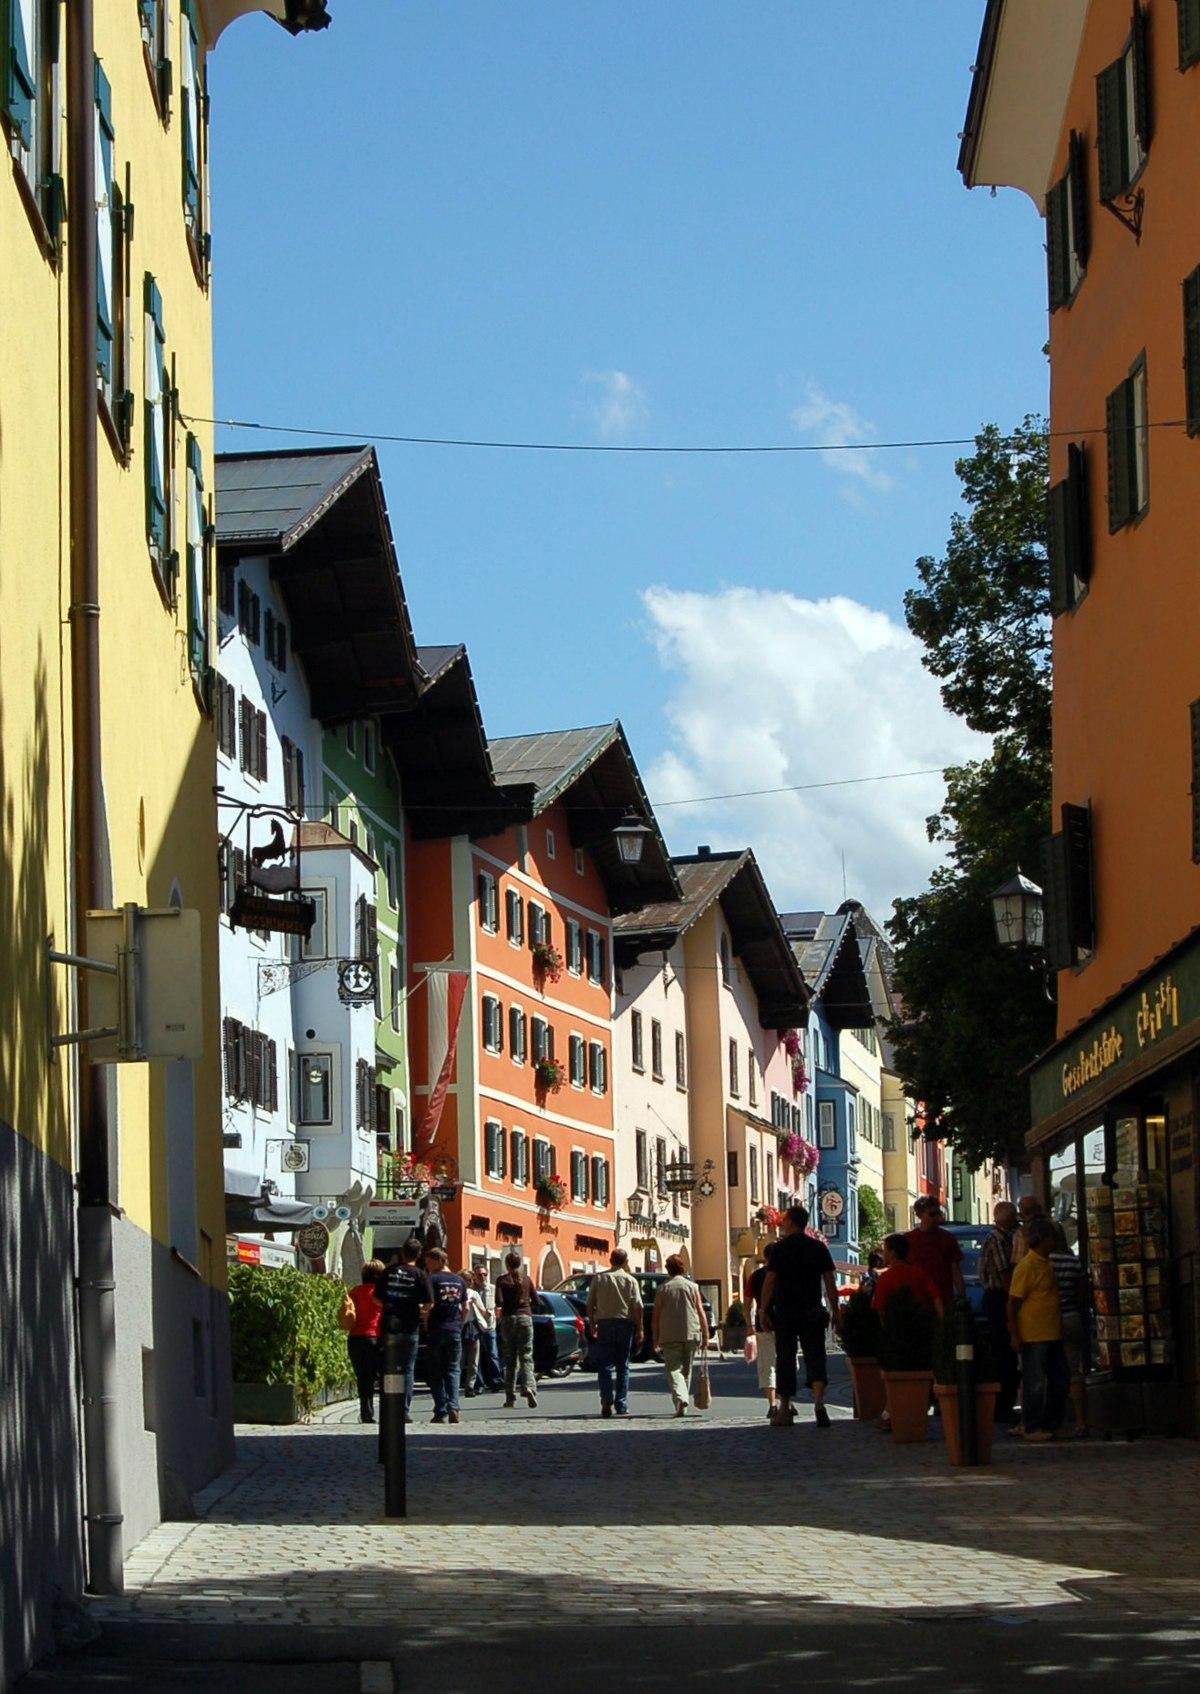 91a79d70c7f90 Kitzbühel - Wikipedia